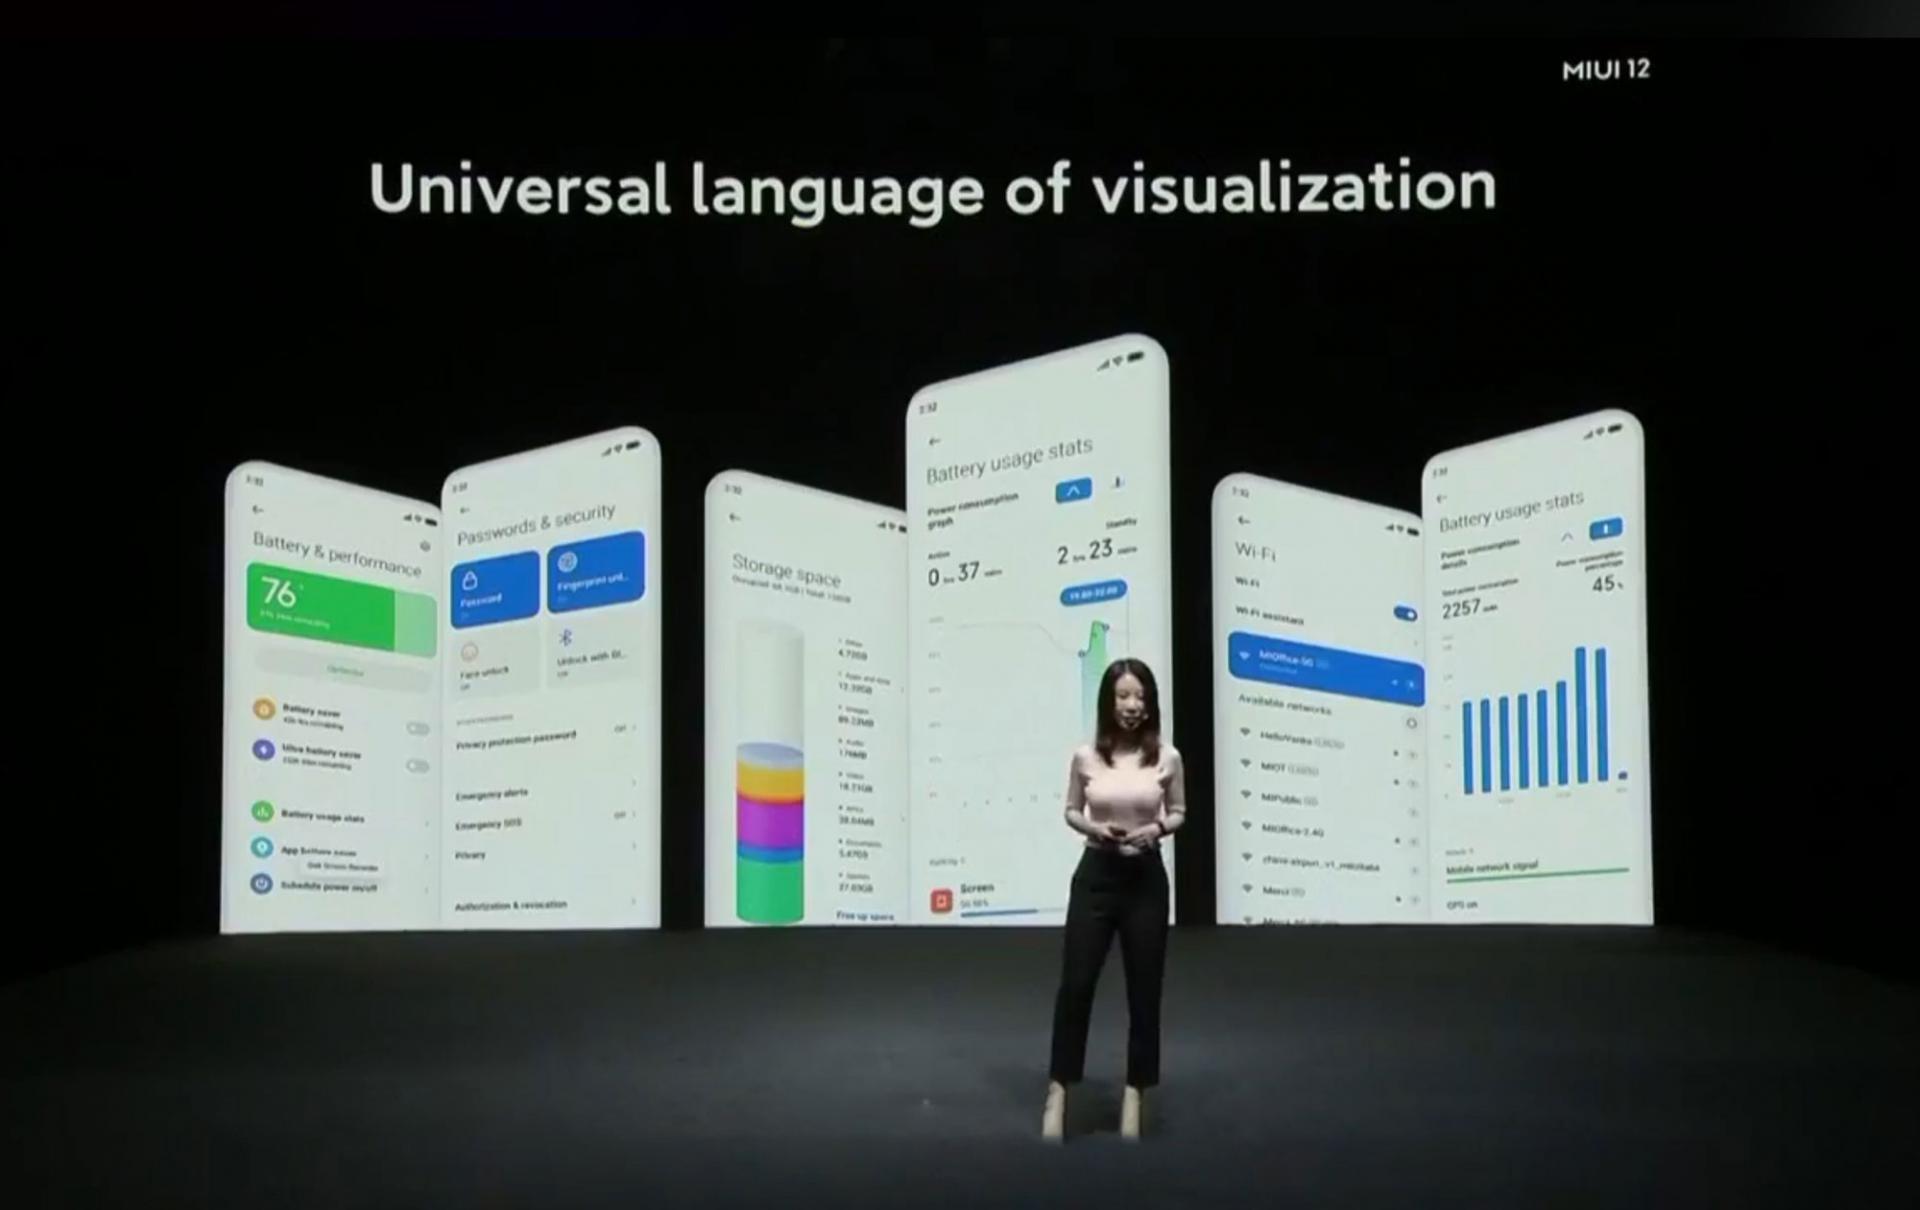 18 ссылок назагрузку MIUI 12 от1 июня. Самый свежий билд для Xiaomi